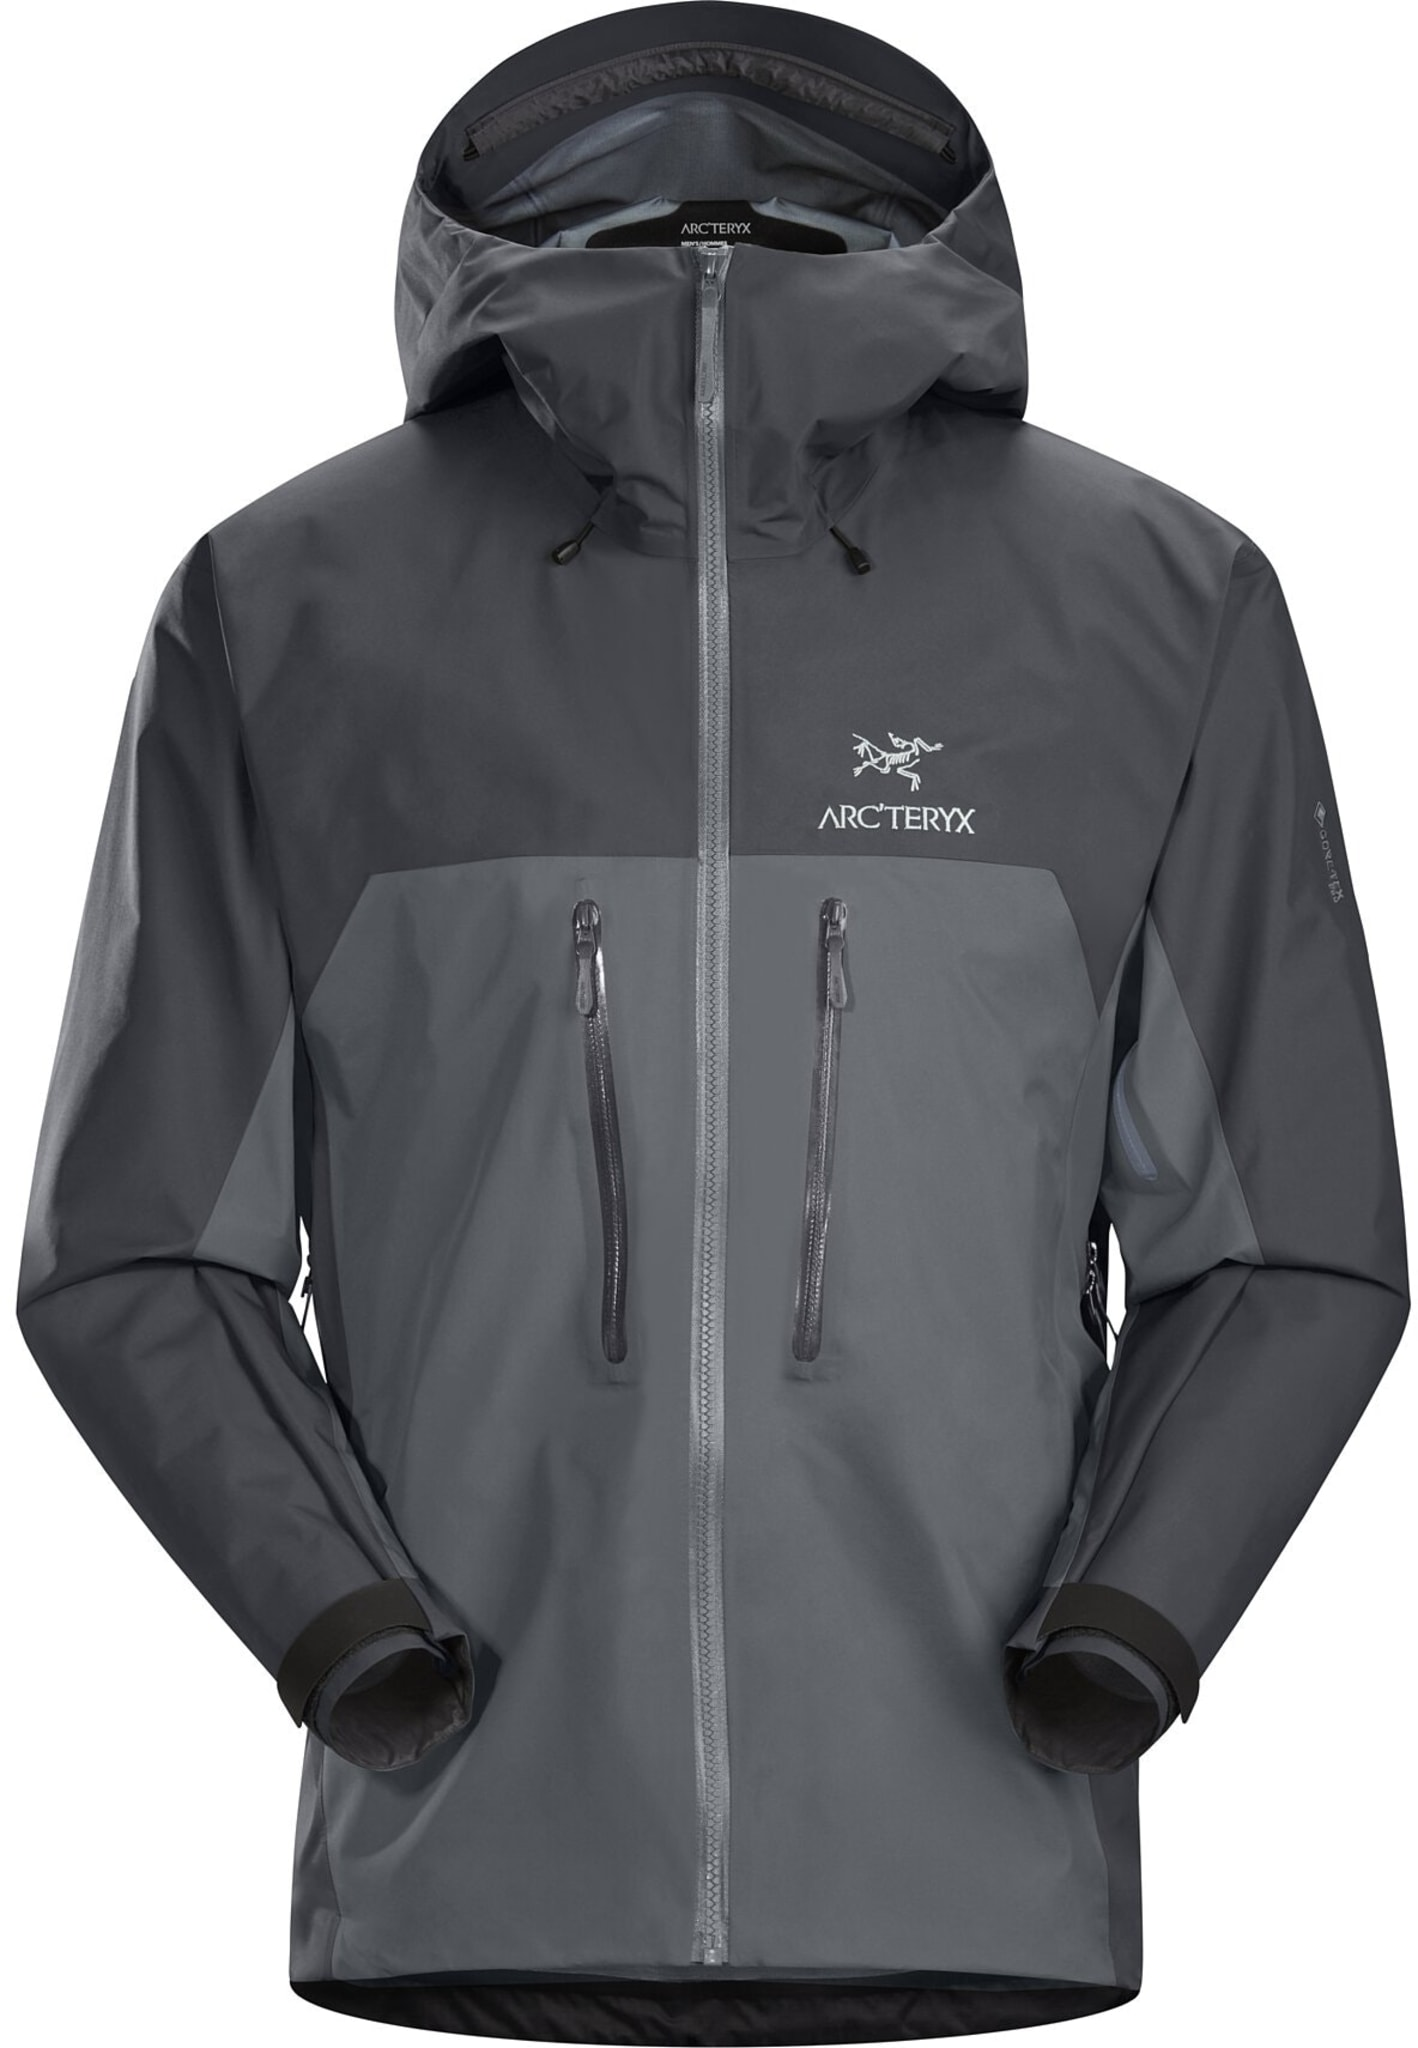 Allsidig GORE-TEX PRO-jakke med klatre- og alpinfokuserte funksjoner